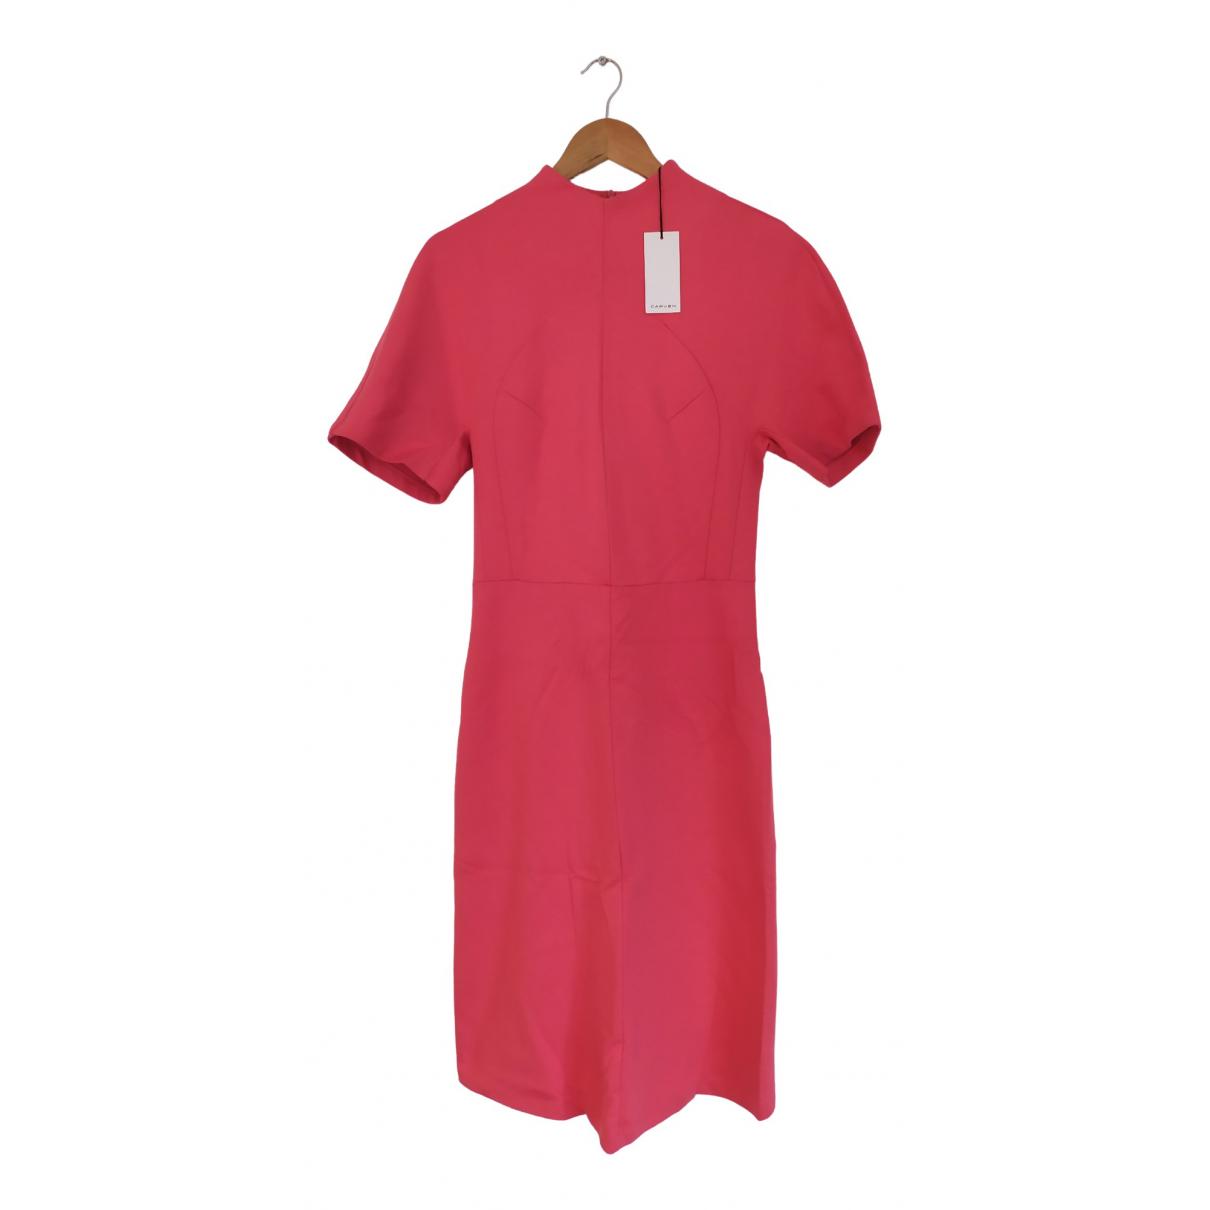 Carven \N Kleid in  Rosa Baumwolle - Elasthan